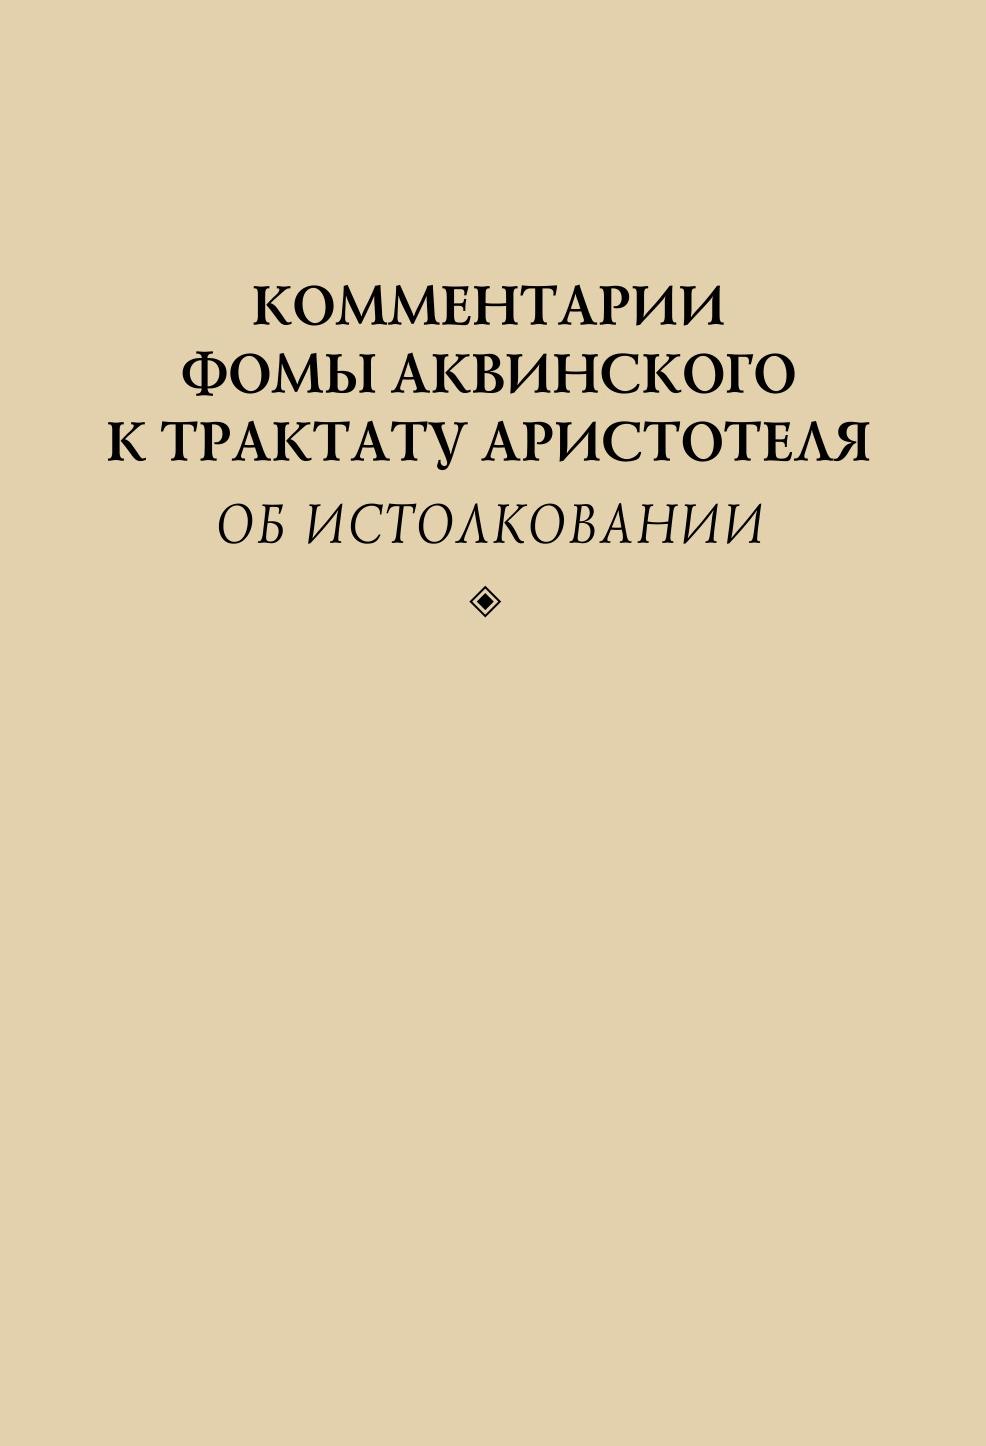 Комментарии Фомы Аквинского к трактату Аристотеля Об истолковании. Издательство РХГА